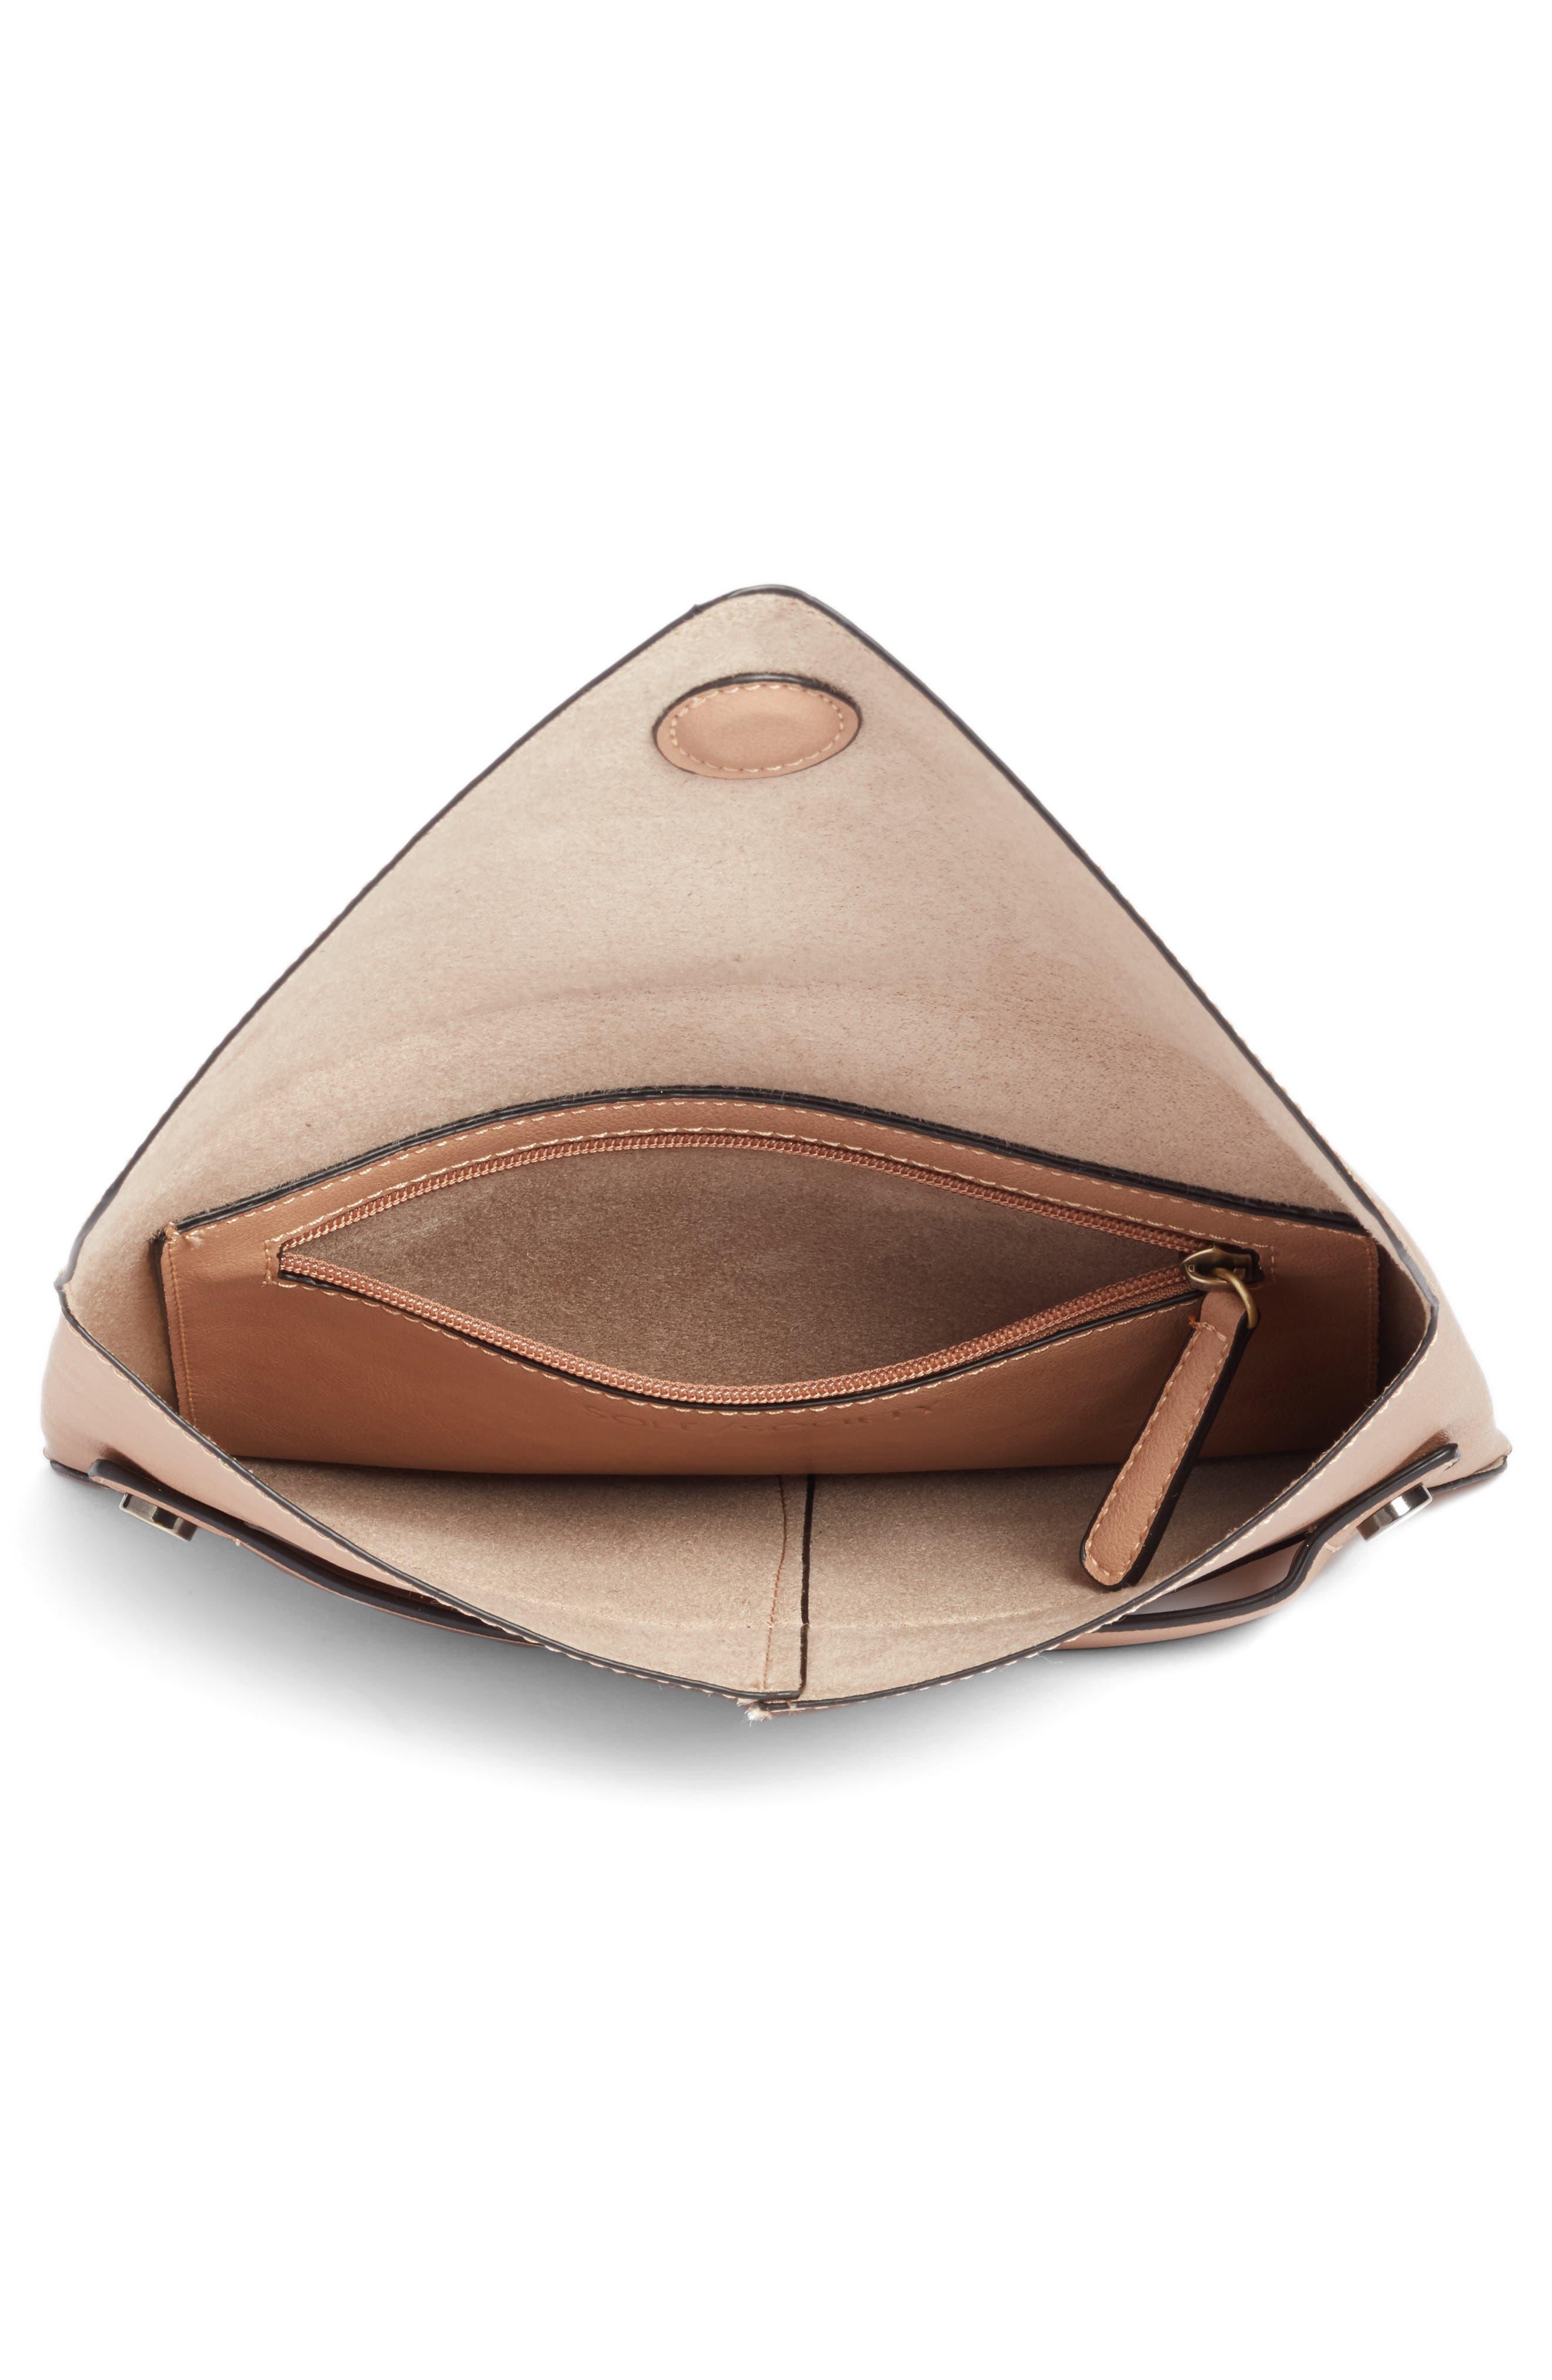 Karen Faux Leather Envelope Clutch,                             Alternate thumbnail 11, color,